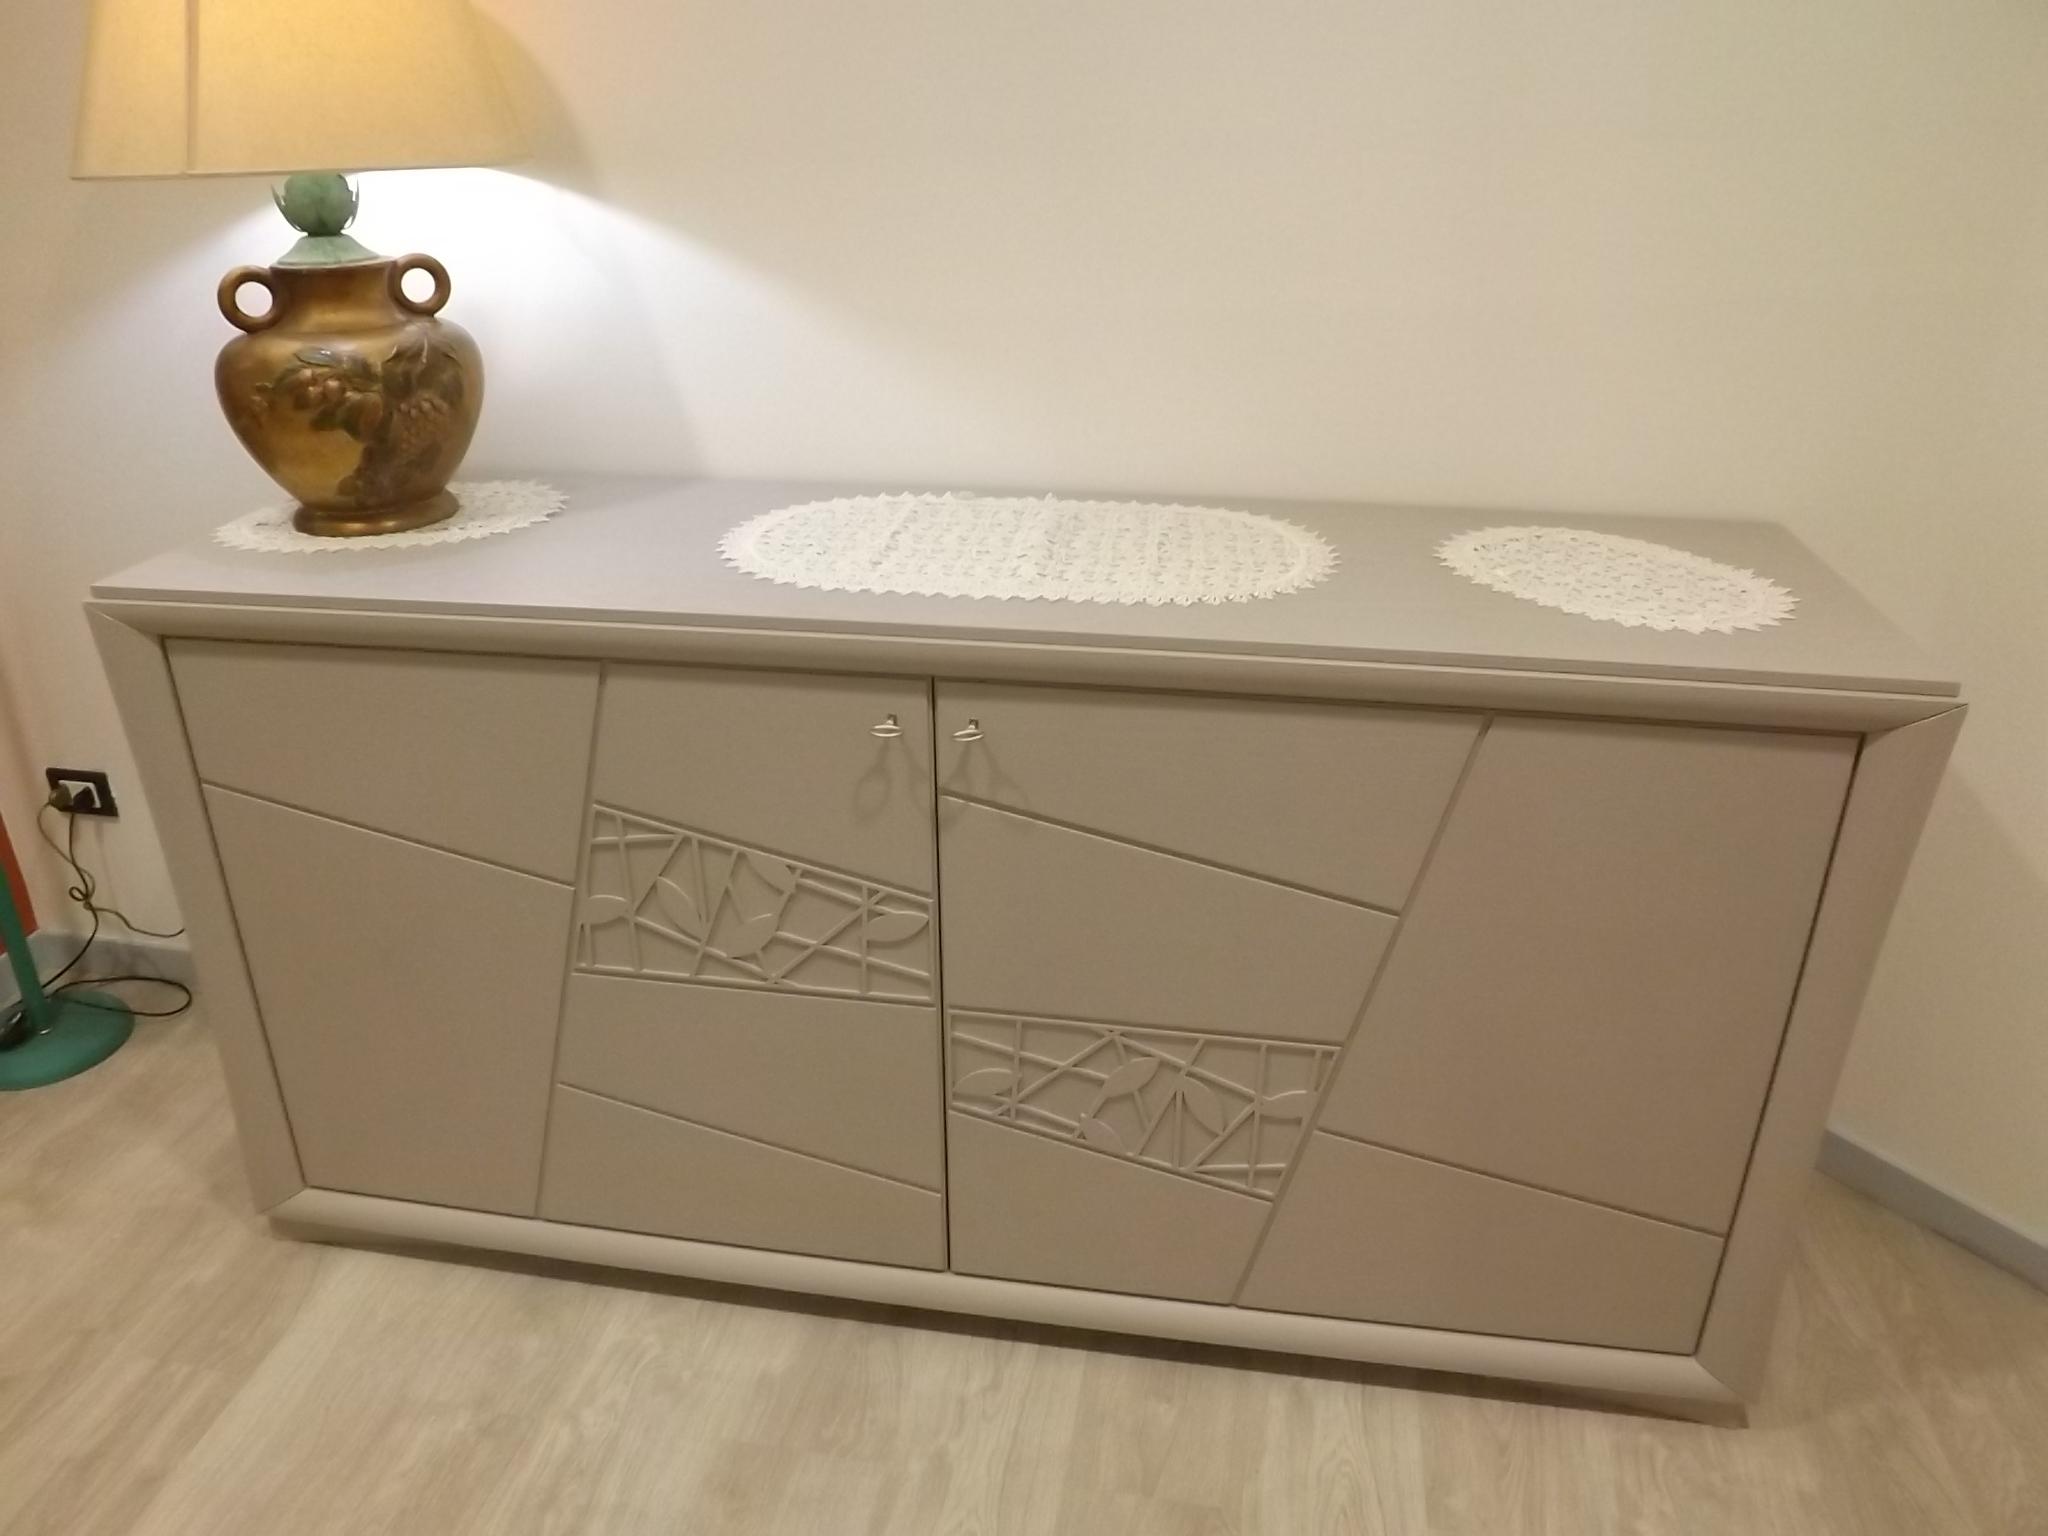 Soggiorno modo10 decor legno madie design soggiorni a for Madie di design